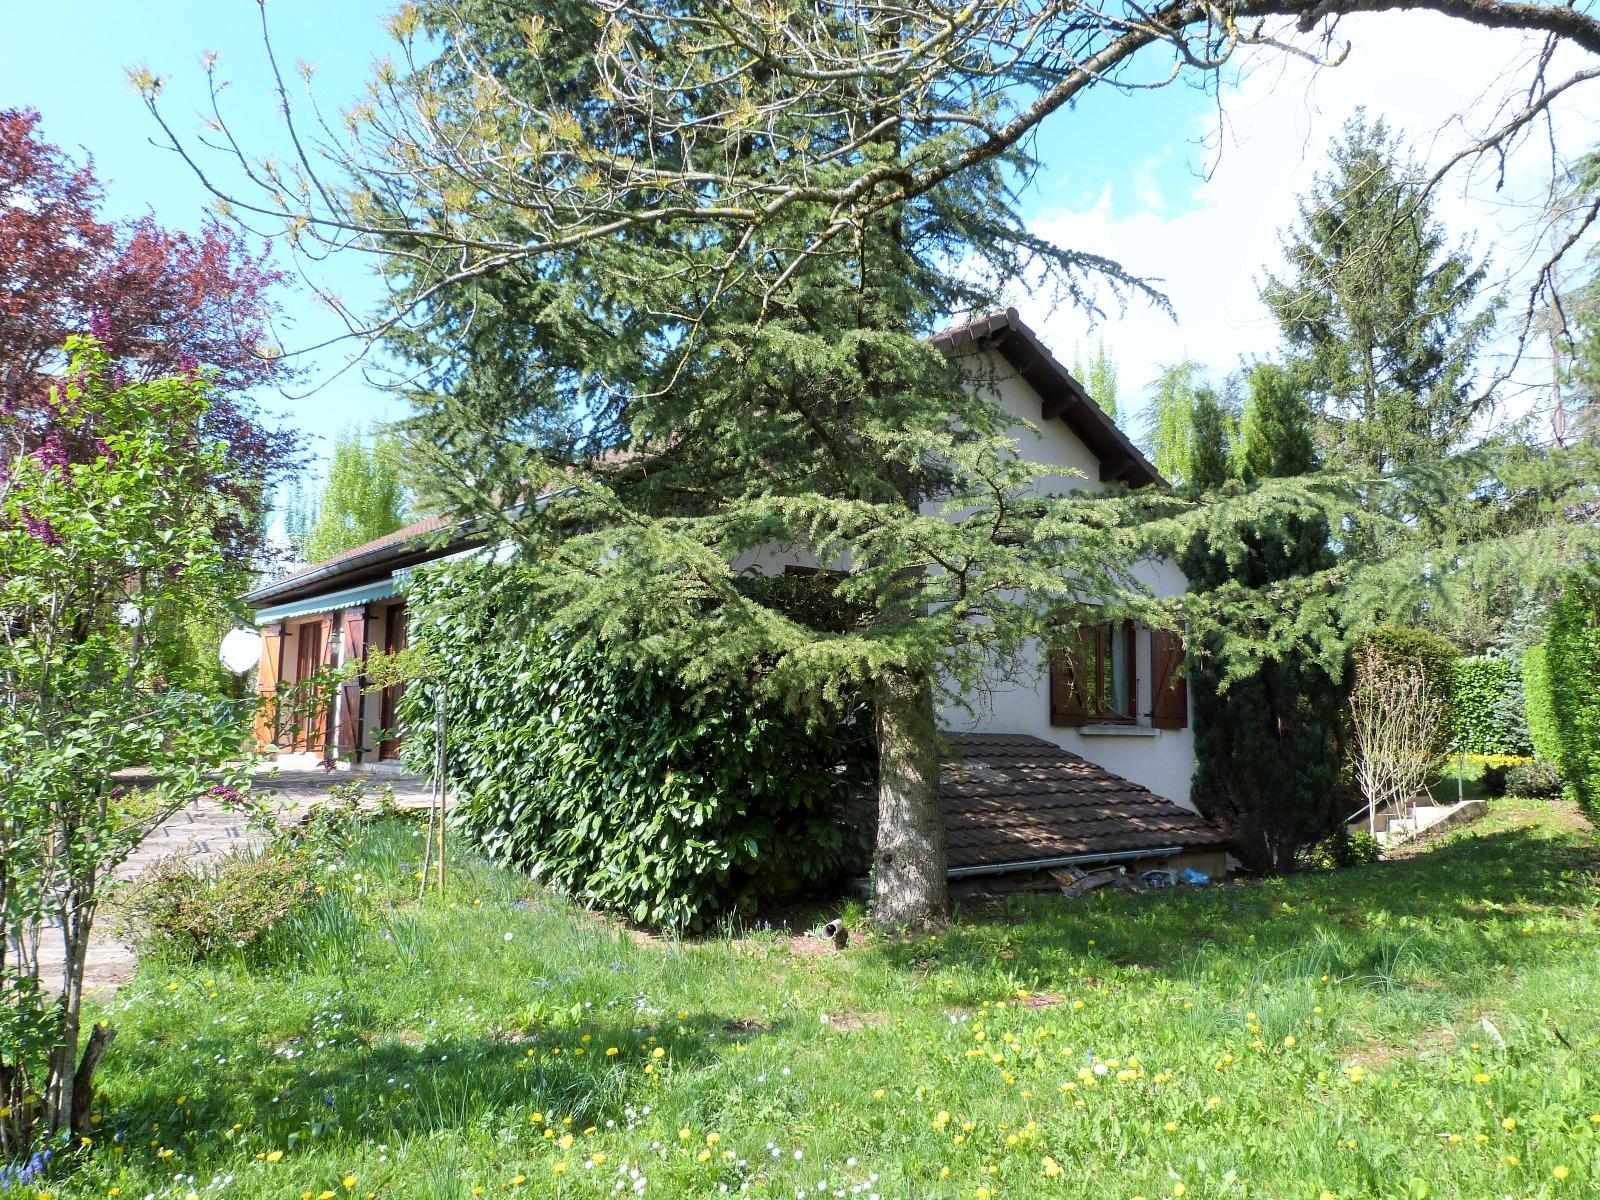 Lons le saunier 39 jura proche centre maison 1983 160m env sur beau terrain clos de 1075m env - Garage thevenod lons le saunier ...